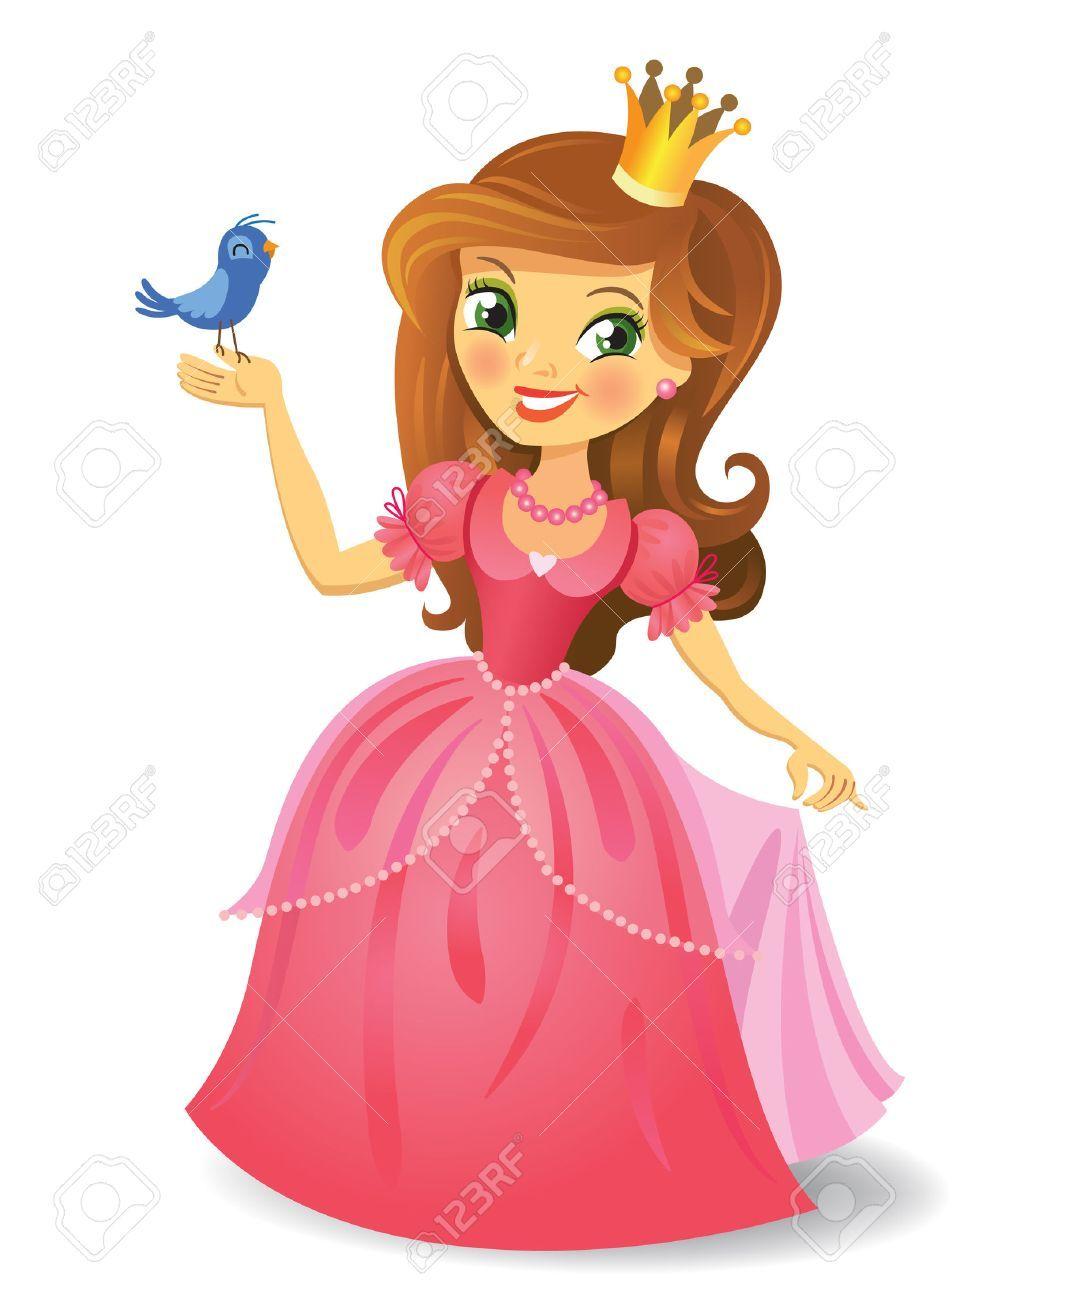 Beautiful Princess Ad Beautiful Princess Princess Cartoon Princess Drawings Cute Princess